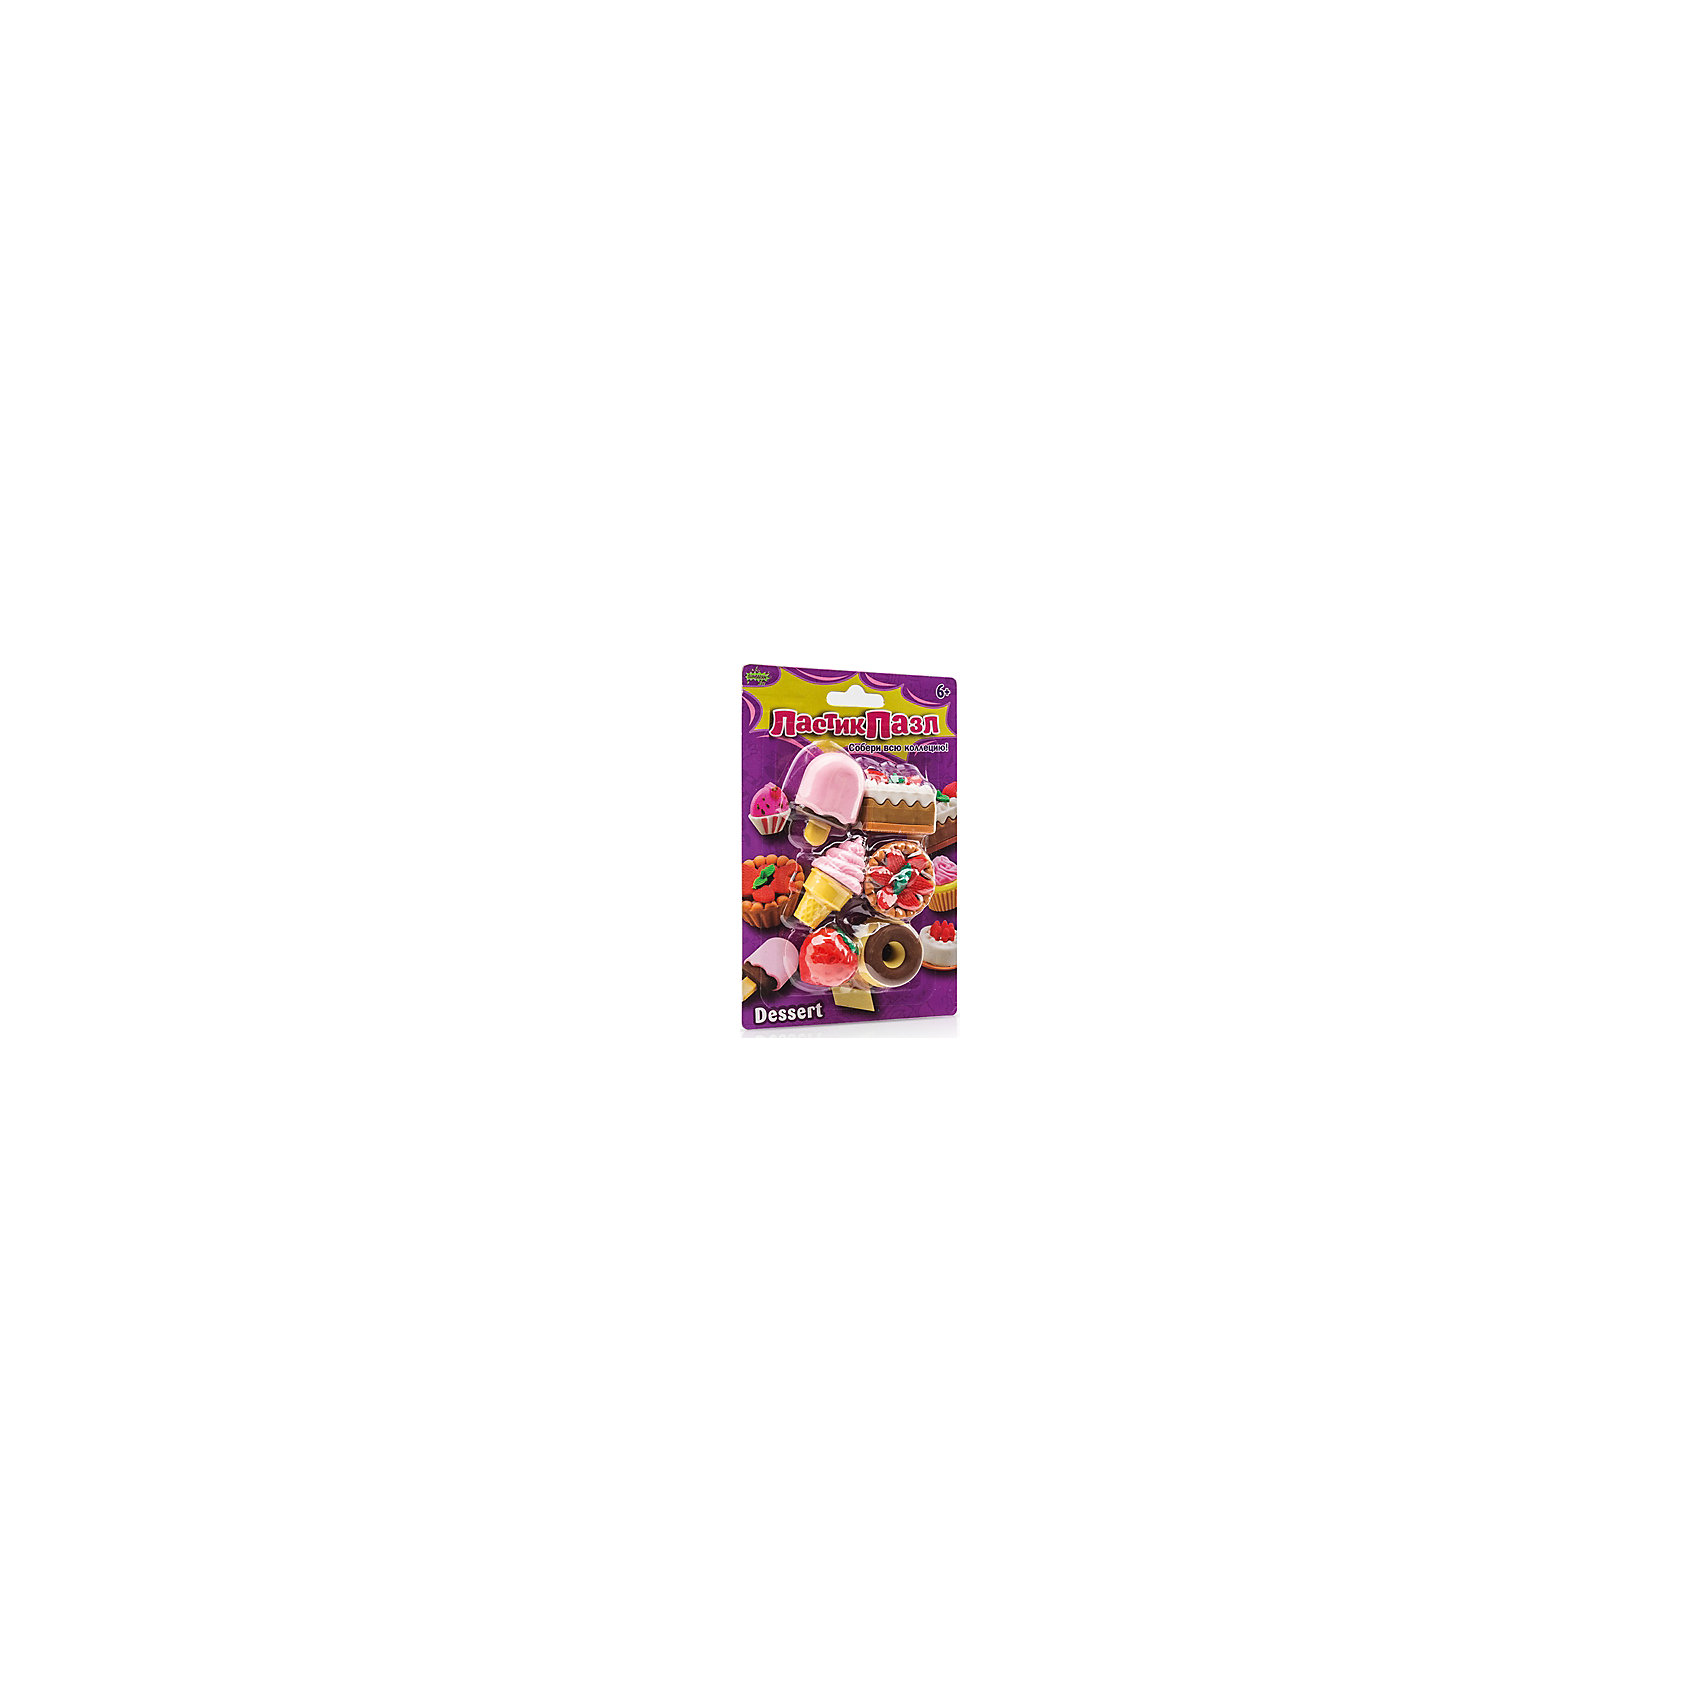 Набор ластиков-пазлов Сладости БумбарамЧертежные принадлежности<br>Набор Ластики-пазлы на блистере Сладости, Бумбарам.<br><br>Характеристики:<br><br>• качественный ластик<br>• каждый ластик состоит из нескольких пазлов<br>• развивает внимательность, усидчивость и мелкую моторику<br>• яркий дизайн<br>• материал: резина<br>• размер фигурок: 2-4 см<br>• размер упаковки: 13,5х9,5 см<br>• вес: 85 грамм<br><br>Если ваш ребенок любит сладости, то набор Ластики-пазлы. Сладости обязательно понравится ему. В нем содержится 6 видов различных десертов, каждый из которых разбирается на части, чтобы ребенок смог снова собрать его. Это сможет развить мелкую моторику, внимательность и усидчивость. Такая увлекательная игра понравится юным любителям головоломок!<br><br>Вы можете купить набор Ластики-пазлы на блистере Сладости, Бумбарам в нашем интернет-магазине.<br><br>Ширина мм: 135<br>Глубина мм: 95<br>Высота мм: 50<br>Вес г: 85<br>Возраст от месяцев: 72<br>Возраст до месяцев: 144<br>Пол: Унисекс<br>Возраст: Детский<br>SKU: 5054008